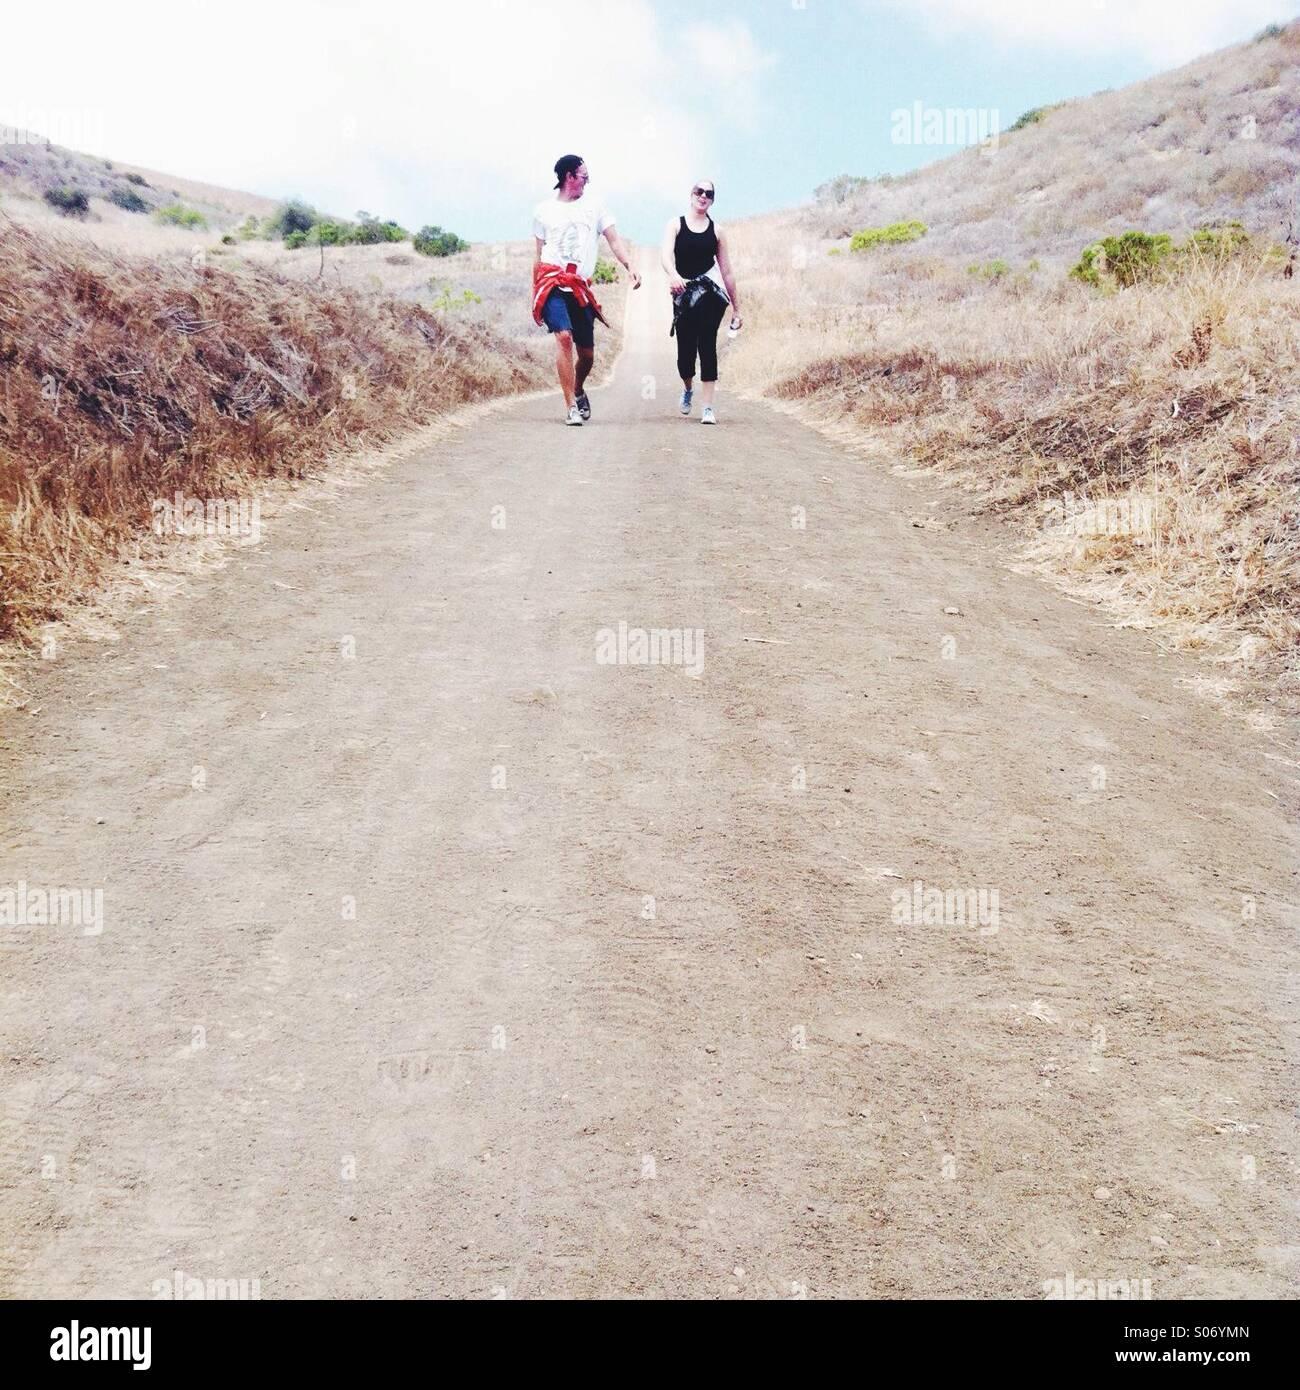 Jungen und Mädchen zu Fuß entlang der Strecke Stockbild